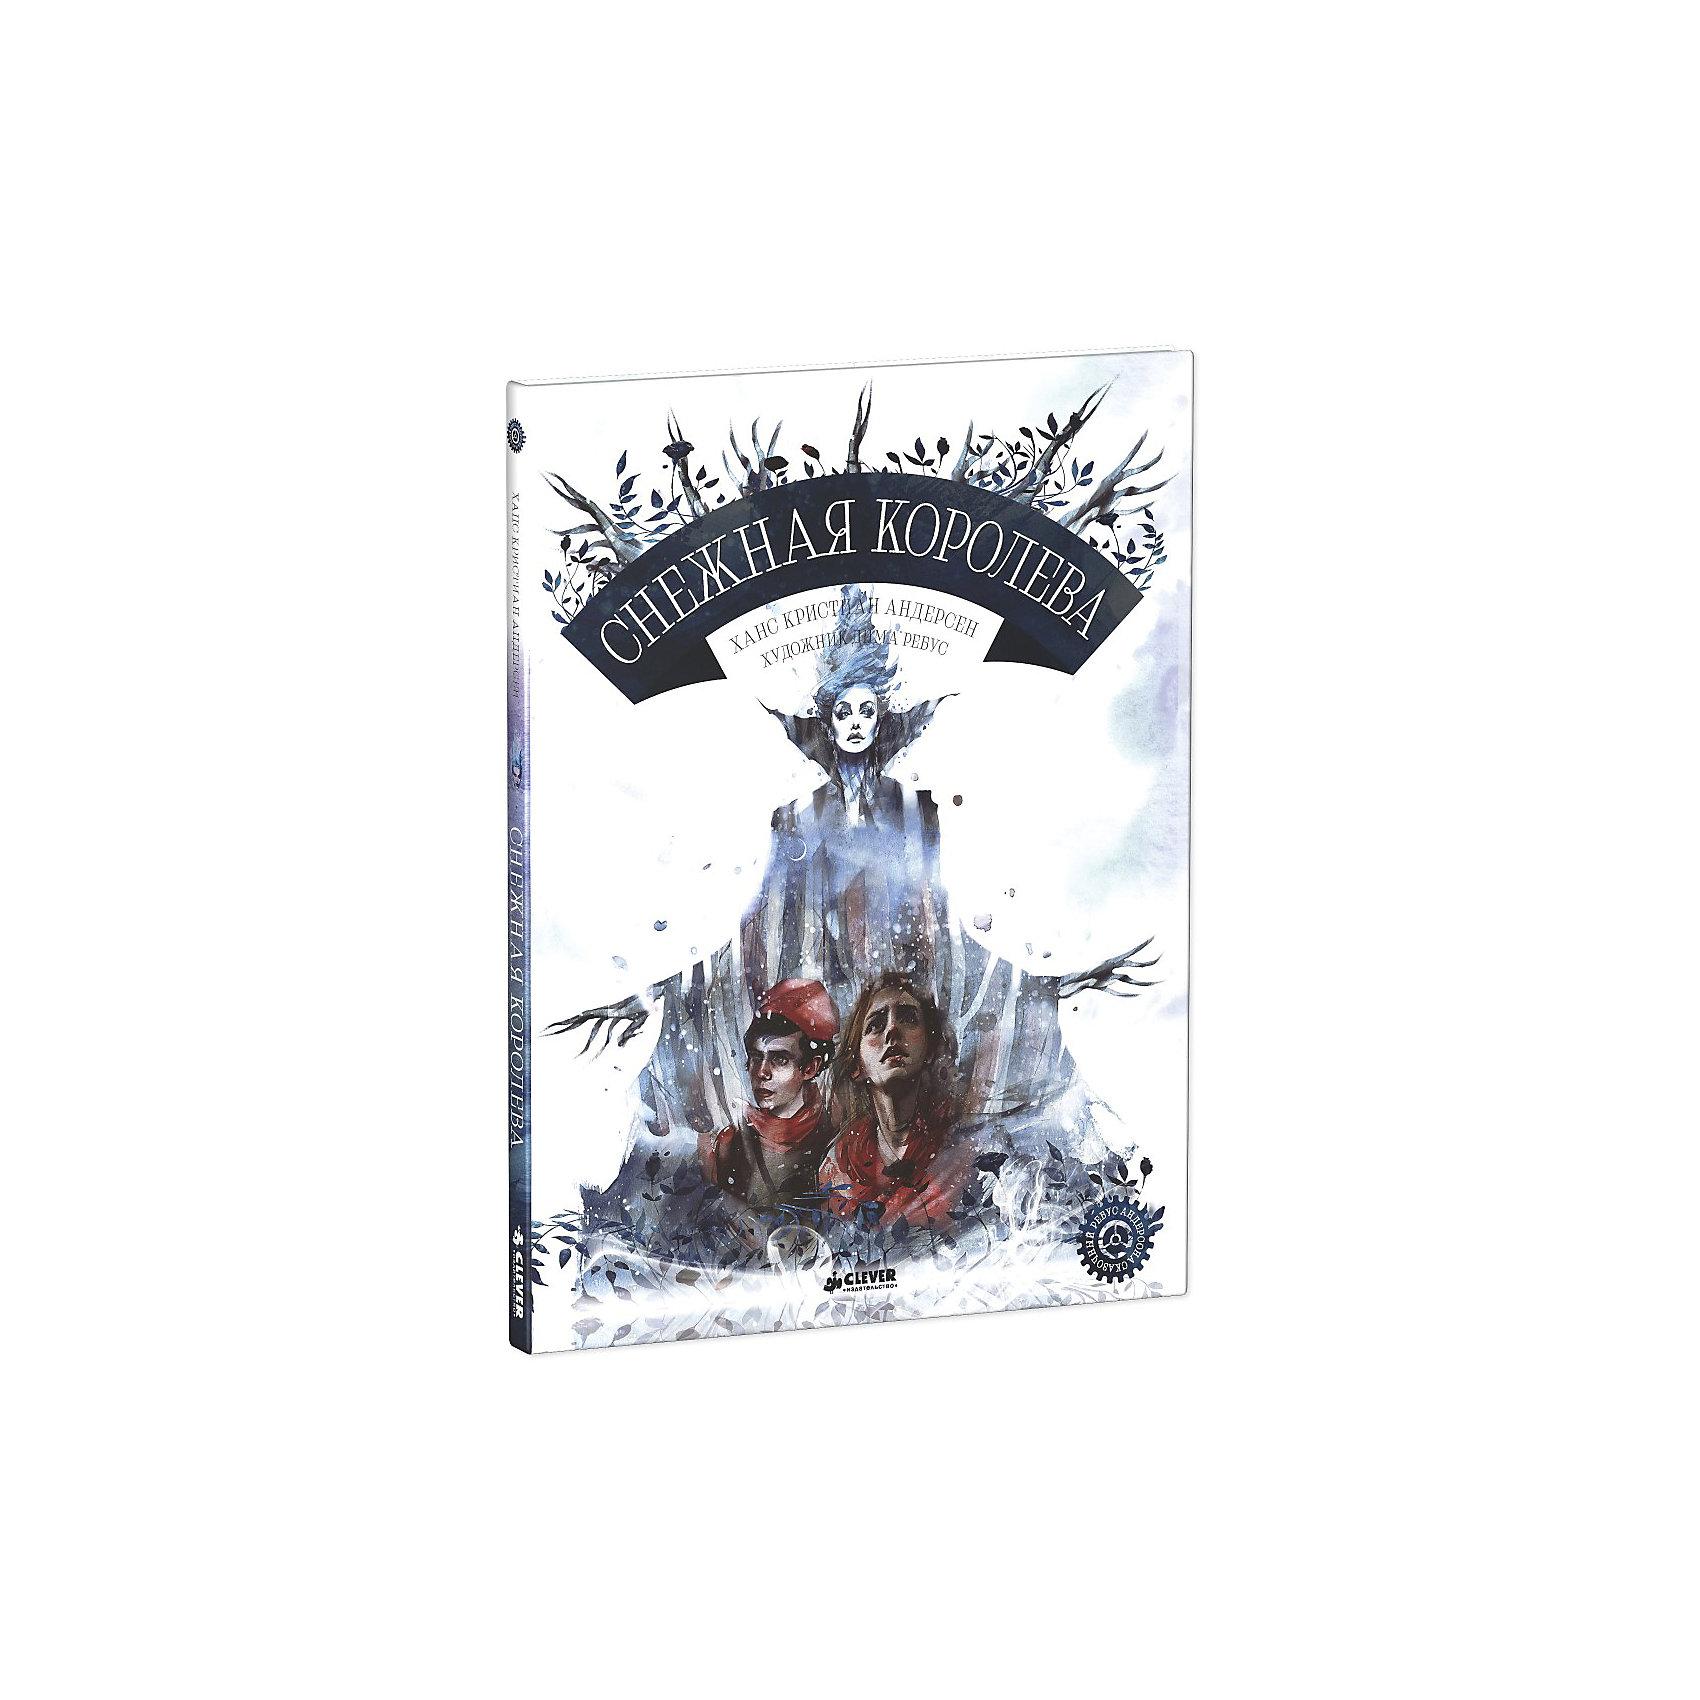 Снежная королева, Х.К. АндерсенНовое издание Снежной королевы Х. К. Андерсена от издательства Клевер станет достойным пополнением Вашей домашней библиотеки. Волшебные истории Ханса Кристиана Андерсена давно вошли в золотой фонд всемирной детской литературы. Снежная королева - одна из самых известных его сказок, волшебная история о чуде любви и о победе добра над злом. Трогательная сказка проиллюстрирована завораживающими акварелями художника Димы Ребуса, которые привлекут внимание Вашего ребенка и помогут привить ему интерес к чтению.<br><br>Дополнительная информация:<br><br>- Автор: Ханс Кристиан Андерсен.<br>- Художник: Дима Ребус.<br>- Серия: Сказочный Ребус Андерсена.<br>- Переплет: твердая обложка.<br>- Иллюстрации: цветные.<br>- Объем: 46 стр. <br>- Размер: 29,7 x 22 x 1,1 см.<br>- Вес: 0,464 кг. <br><br>Книгу Х. К. Андерсена Снежная королева,  Клевер Медиа Групп, можно купить в нашем интернет-магазине.<br><br>Ширина мм: 215<br>Глубина мм: 290<br>Высота мм: 10<br>Вес г: 491<br>Возраст от месяцев: 0<br>Возраст до месяцев: 36<br>Пол: Унисекс<br>Возраст: Детский<br>SKU: 4419623